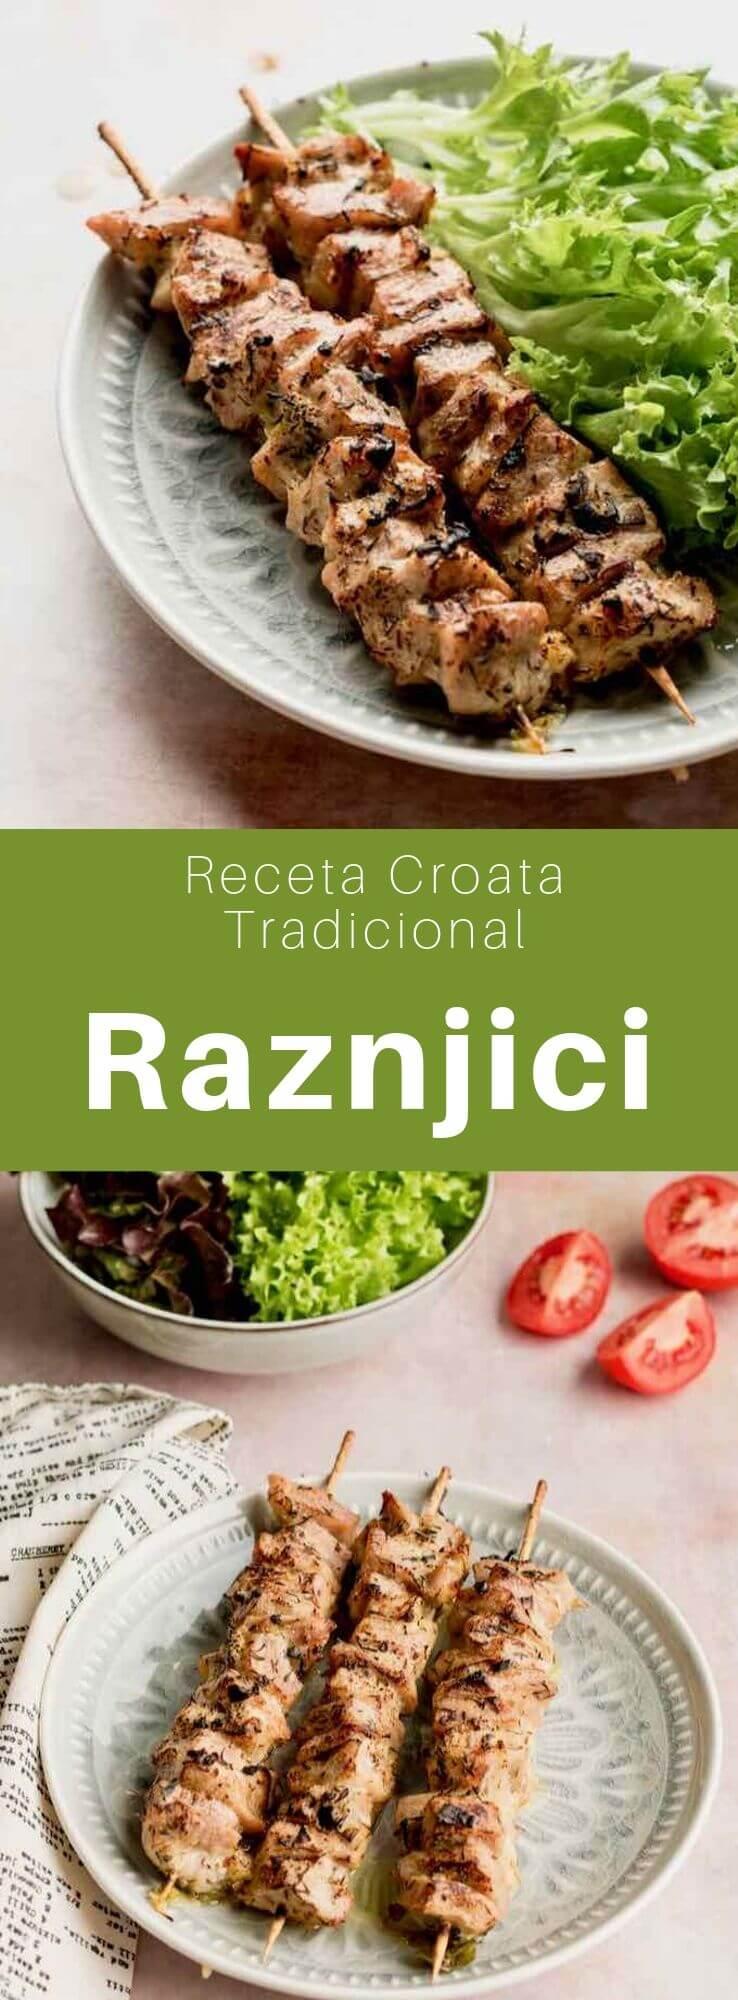 El ražnjići es un plato popular de los Balcanes hecho de carne de cerdo cocinada a la parrilla de una barbacoa. Es similar al souvlaki griego y al şaşlık turco.